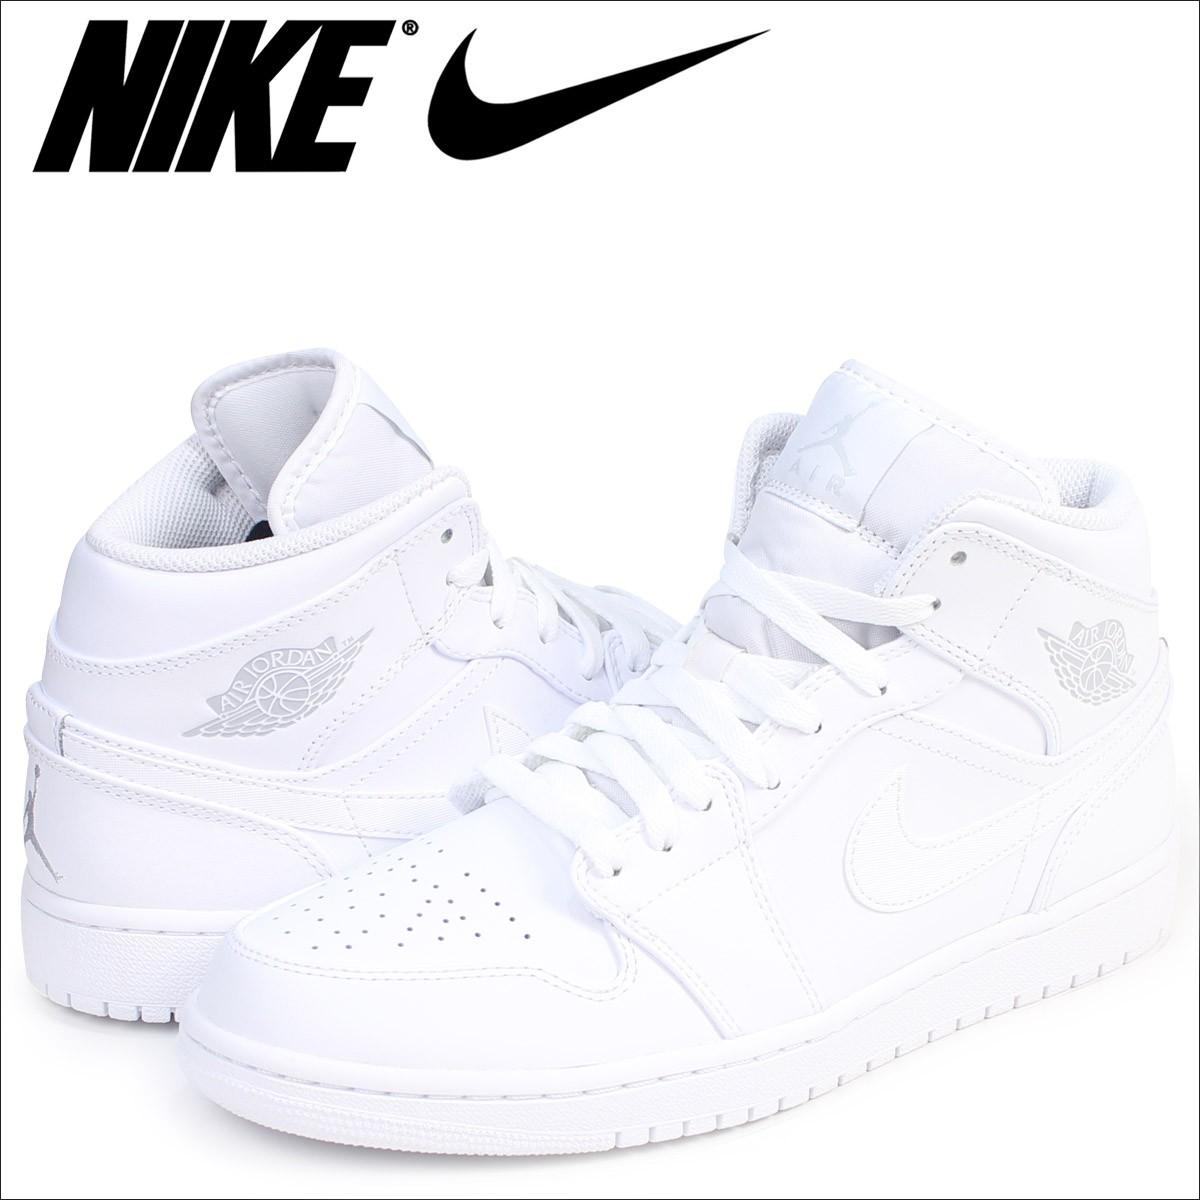 ナイキ NIKE エアジョーダン1 スニーカー AIR JORDAN 1 MID 554724-104 メンズ 靴 ホワイト [8/21 ...